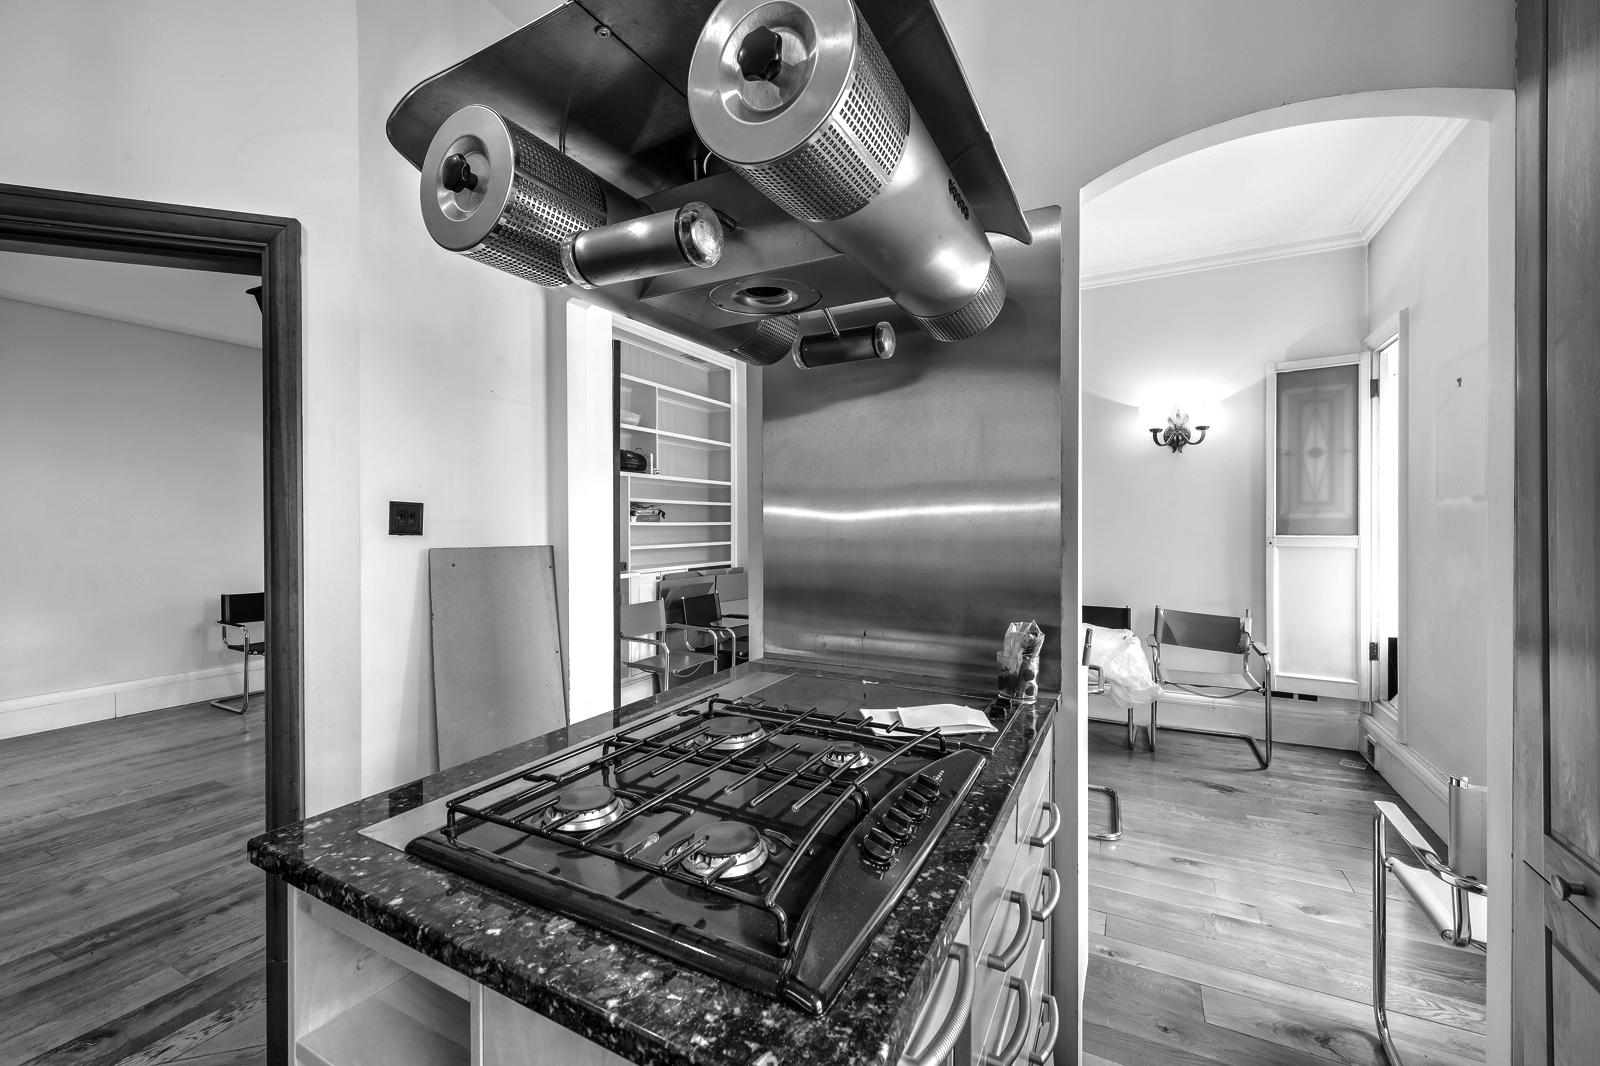 Küche vor der Modernisierung